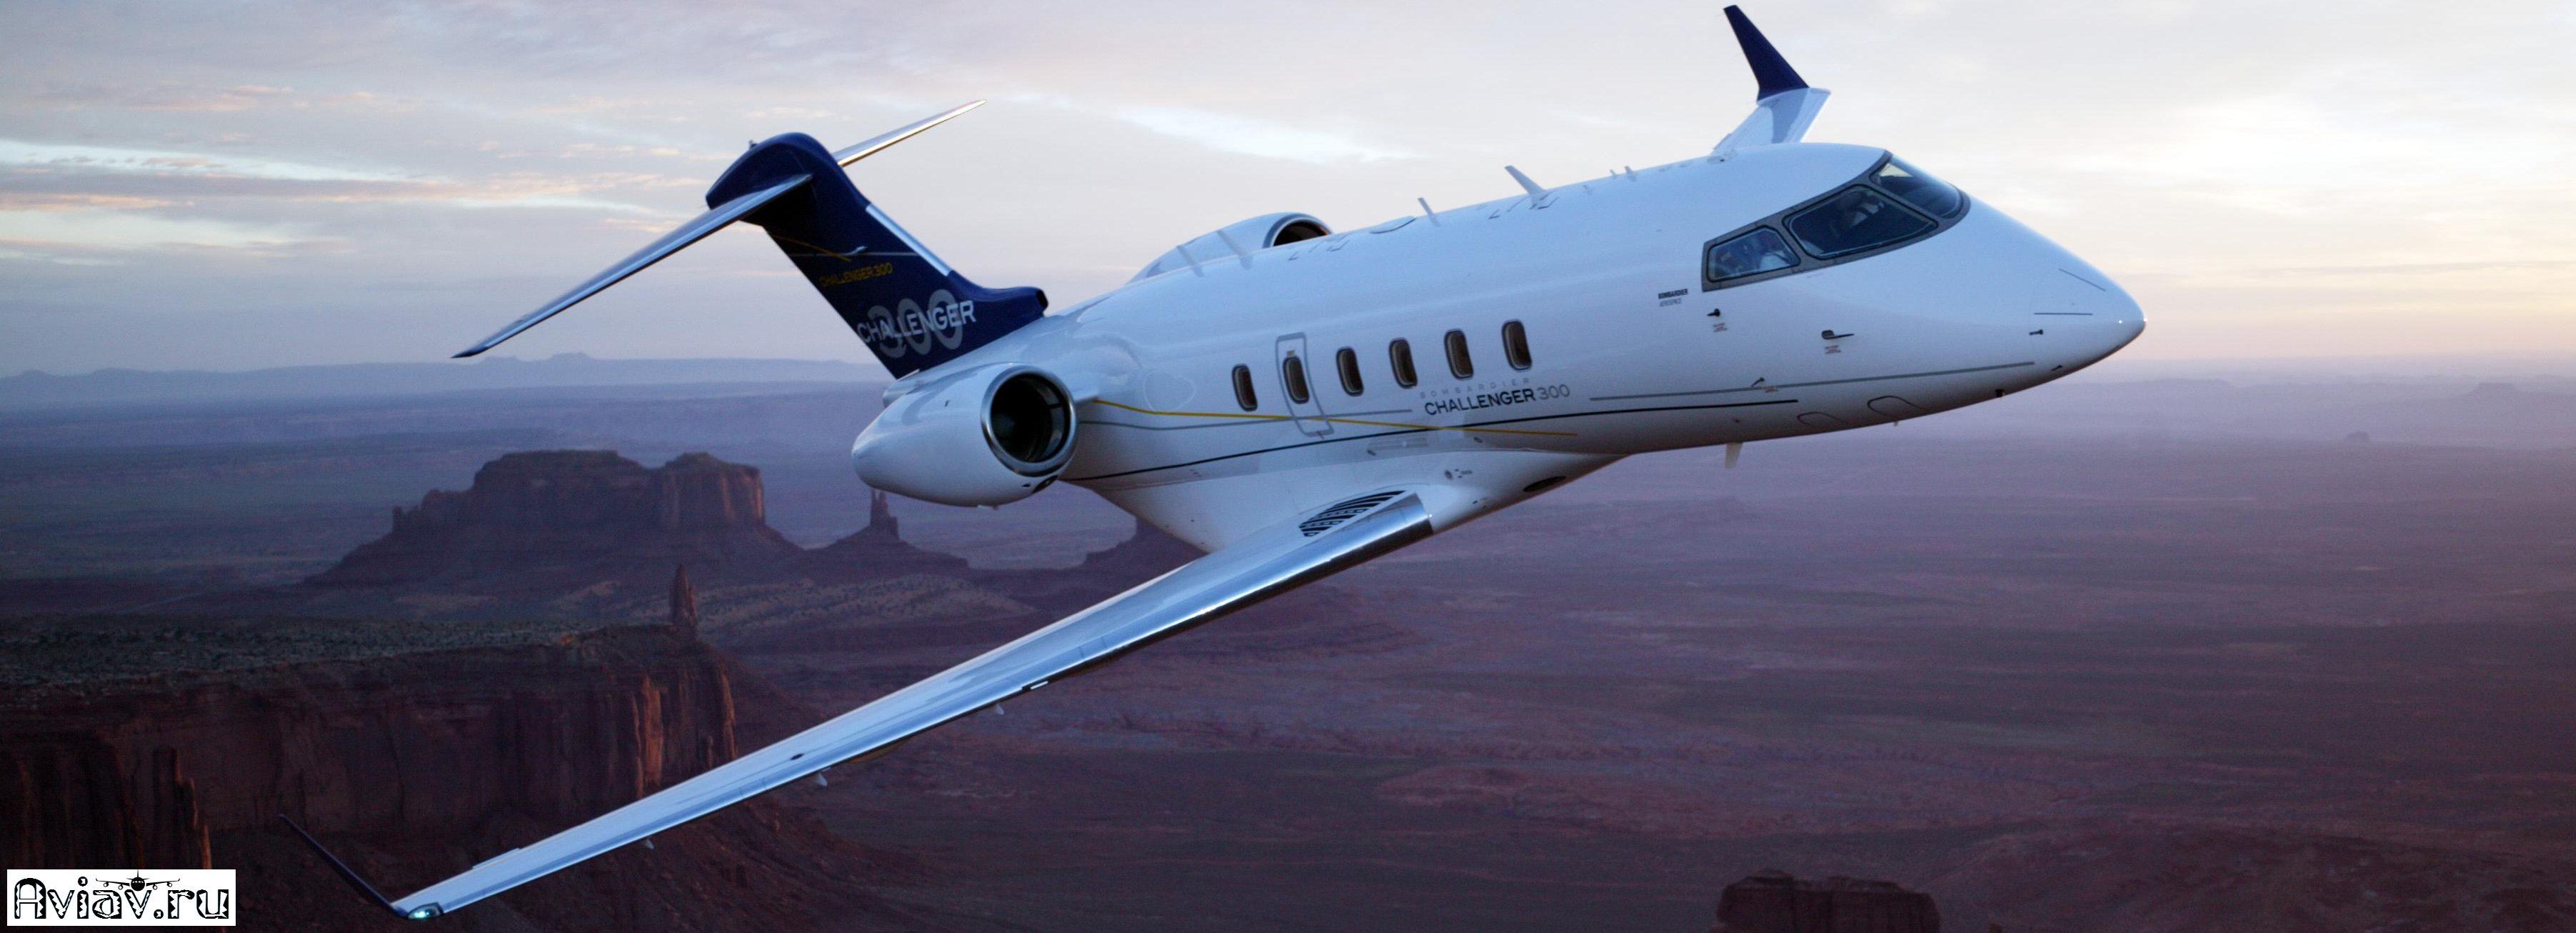 Бизнес авиация от CofranceSARL